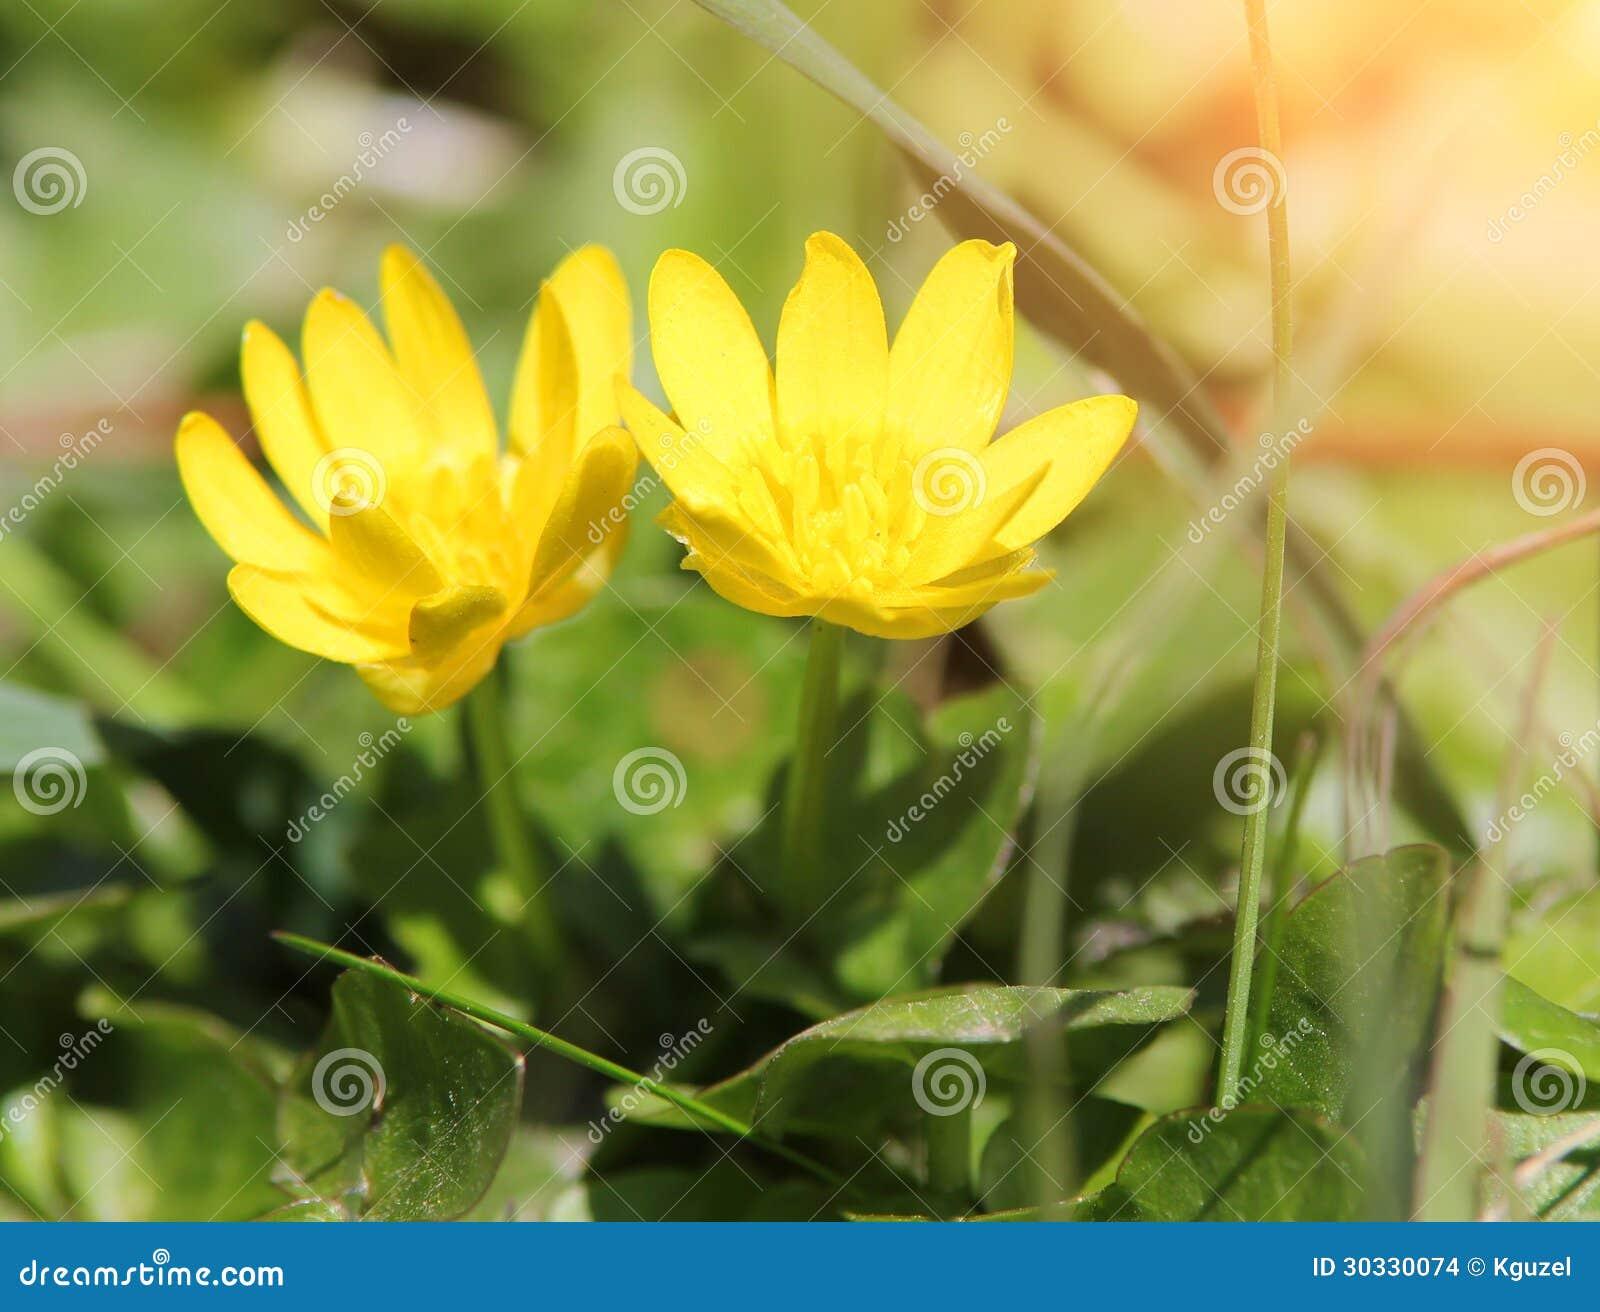 Fleurs Jaunes Dans L Herbe Aconit Napel D Hiver Photo Stock Image